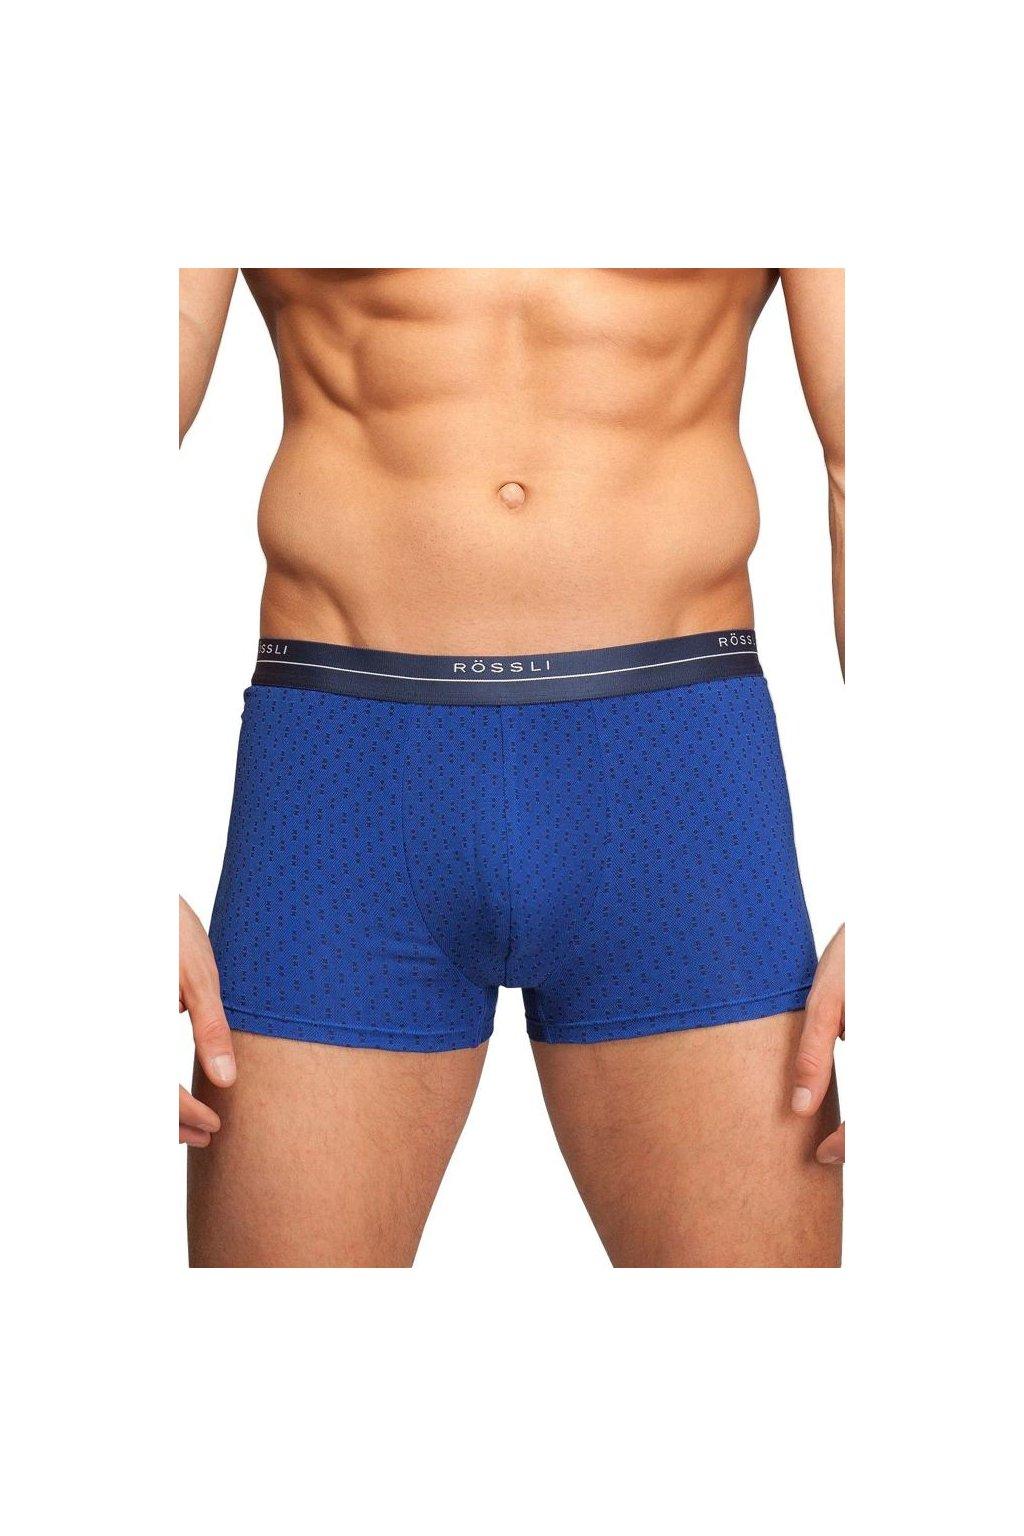 Pánské boxerky Marco tmavě modré